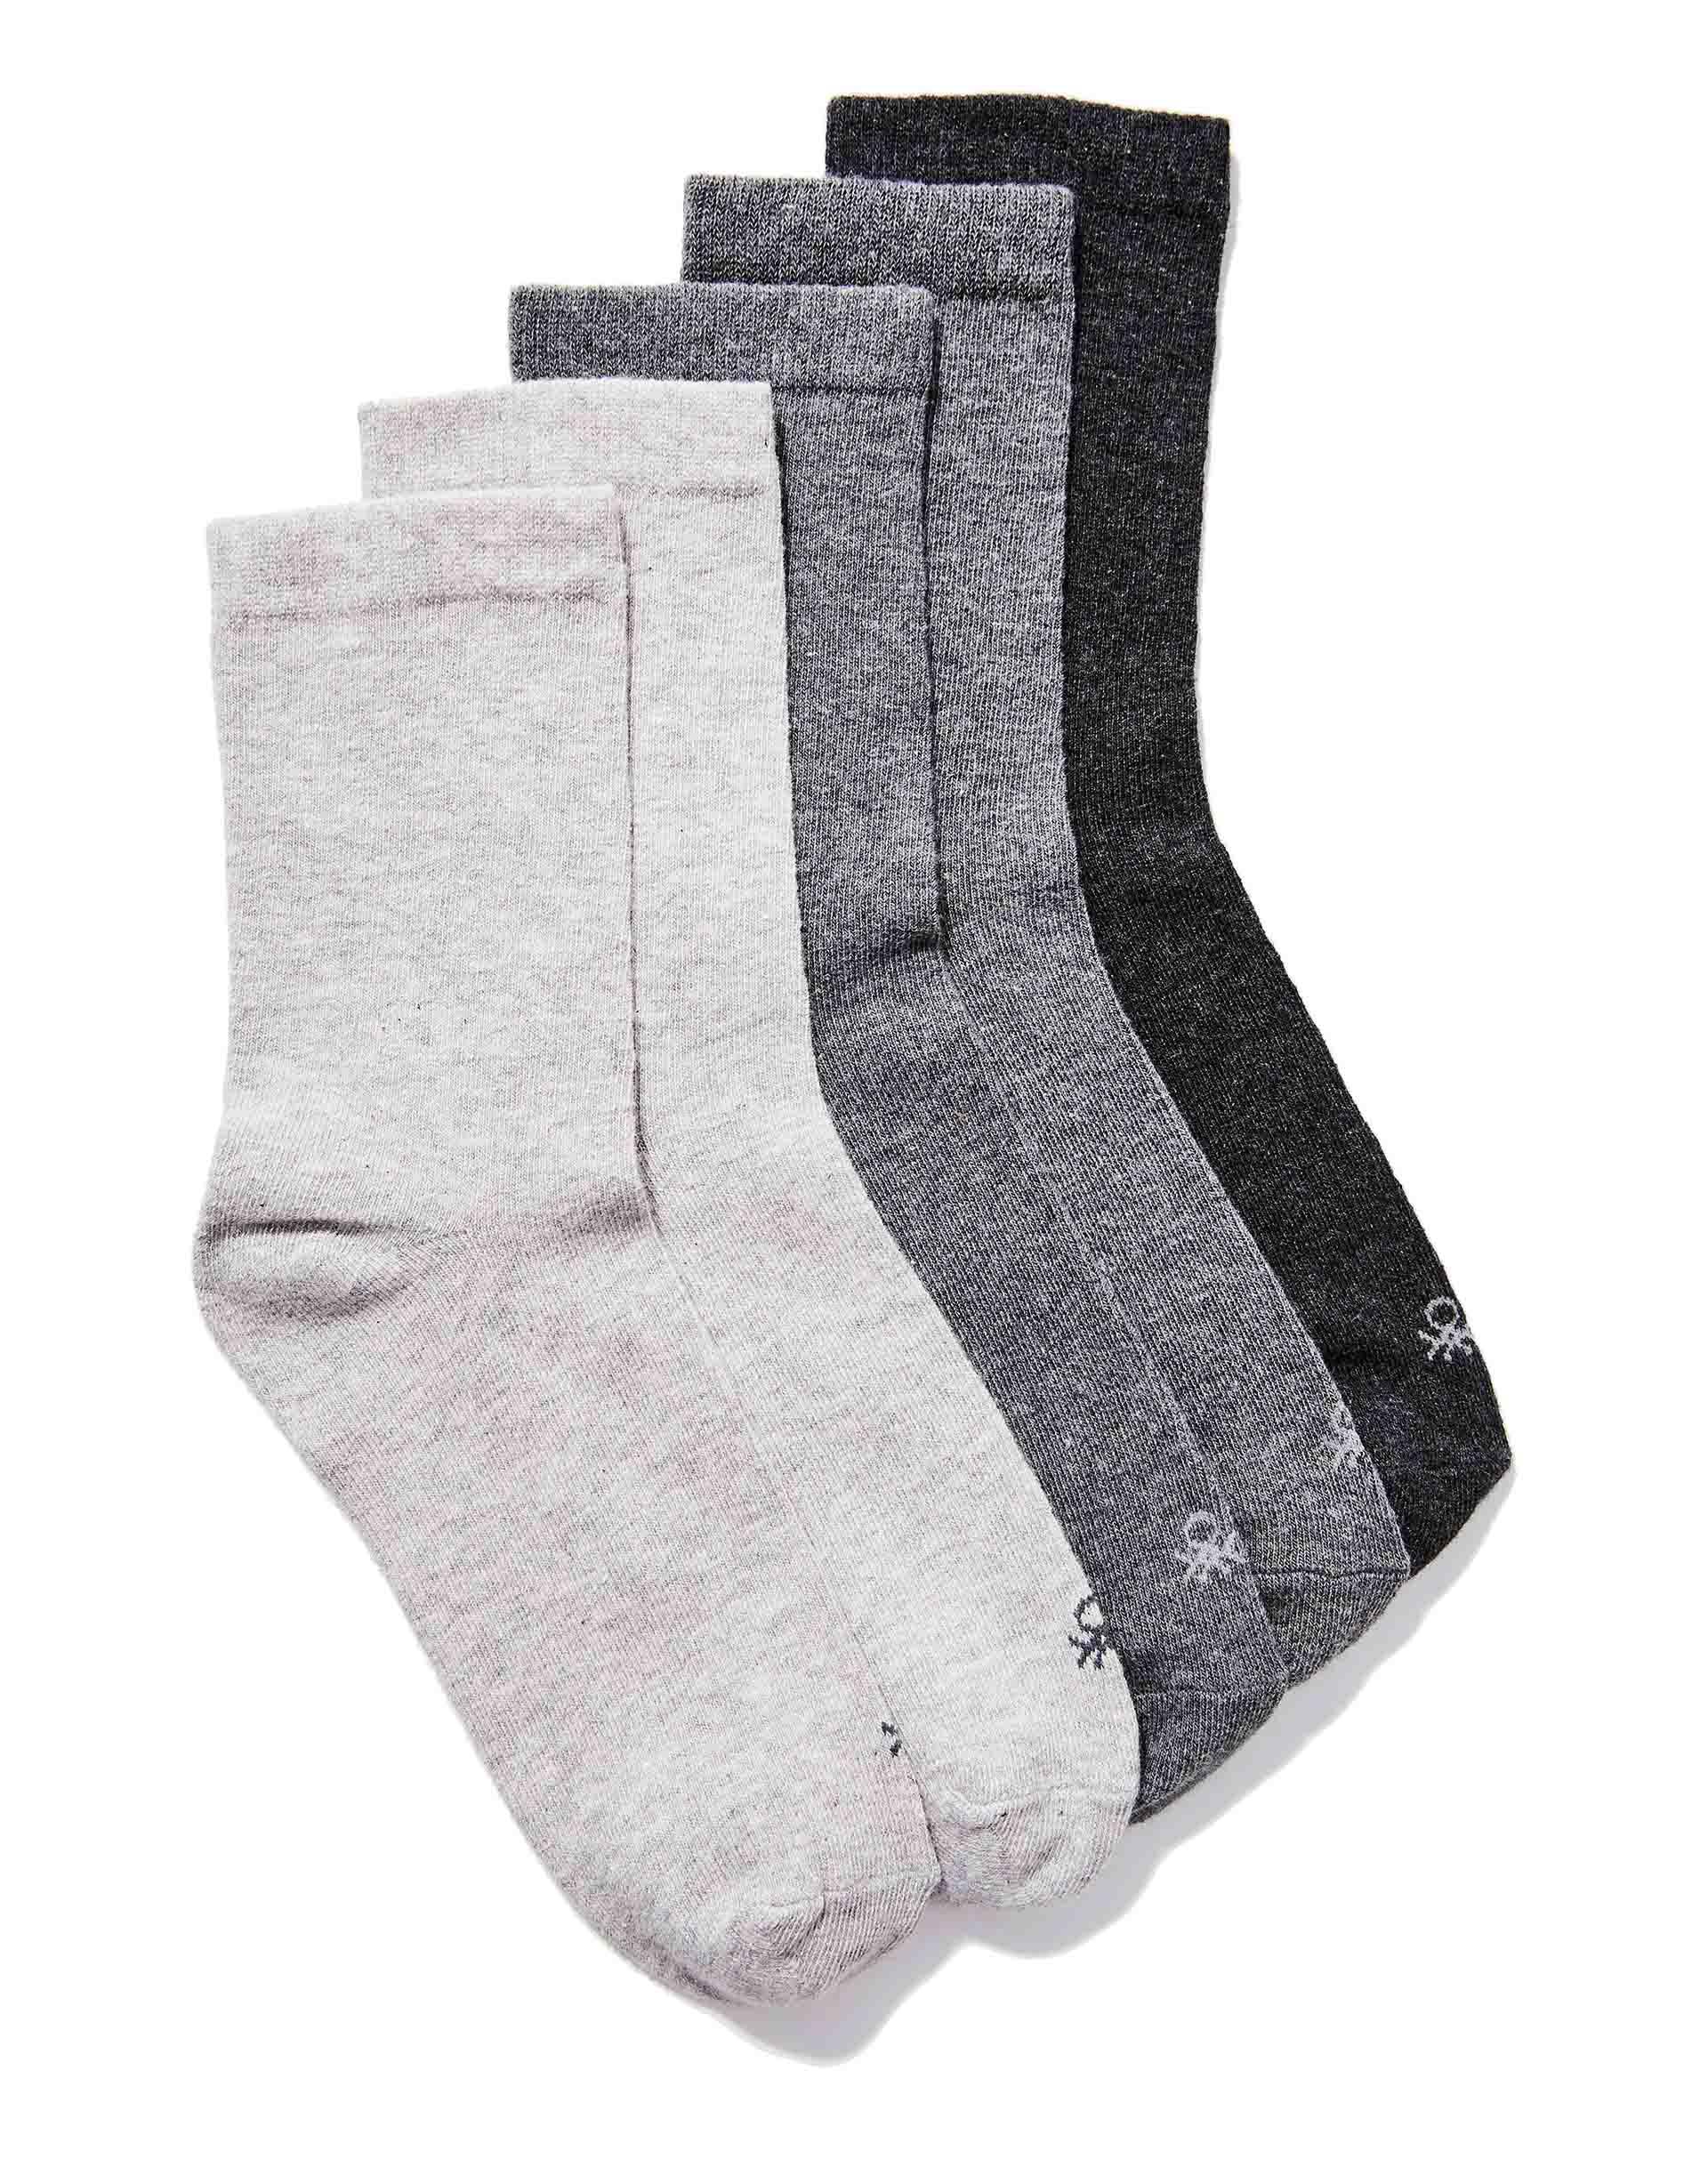 Комплект носков 5 парНижнее белье<br>Комплект носков состоит из пяти пар. Модель выполнена из хлопкового трикотажа с добавлением синтетических волокон для большей износоустойчивости. Мягкая эластичная манжета в рубчик.<br>Цвет: Серый; Размер: M;